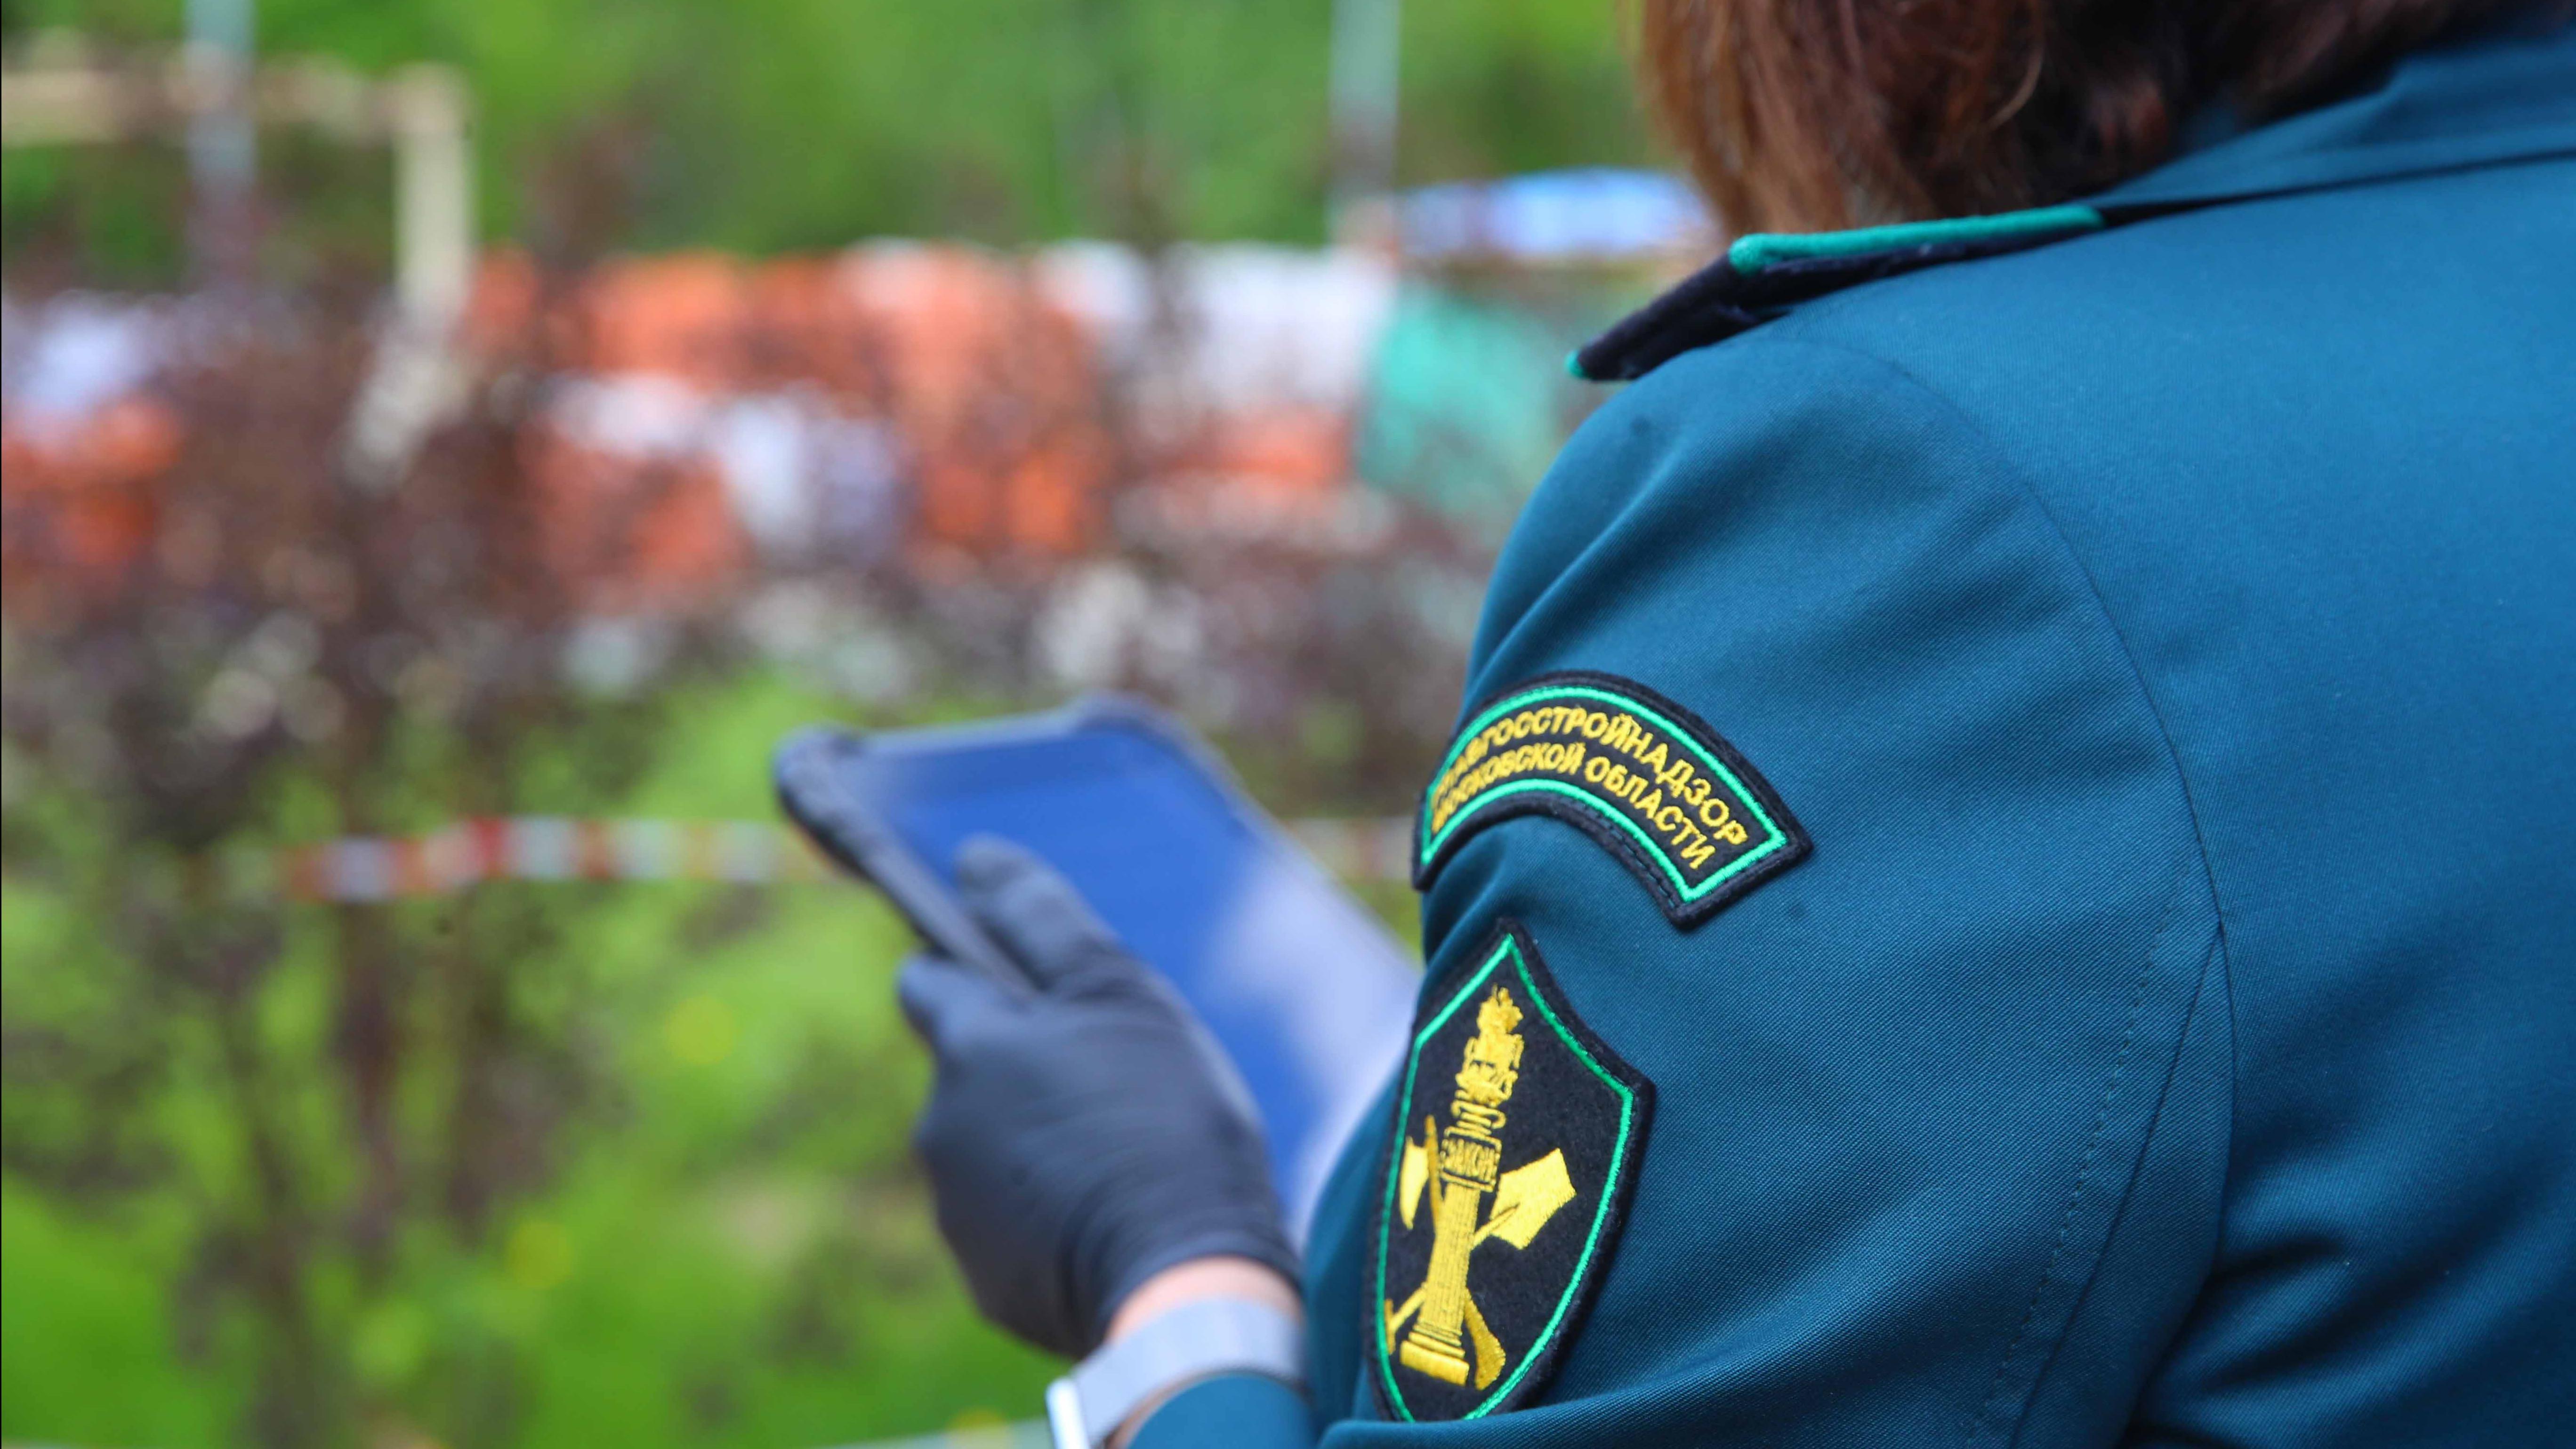 Подмосковных застройщиков оштрафовали на 1,8 млн рублей на прошлой неделе